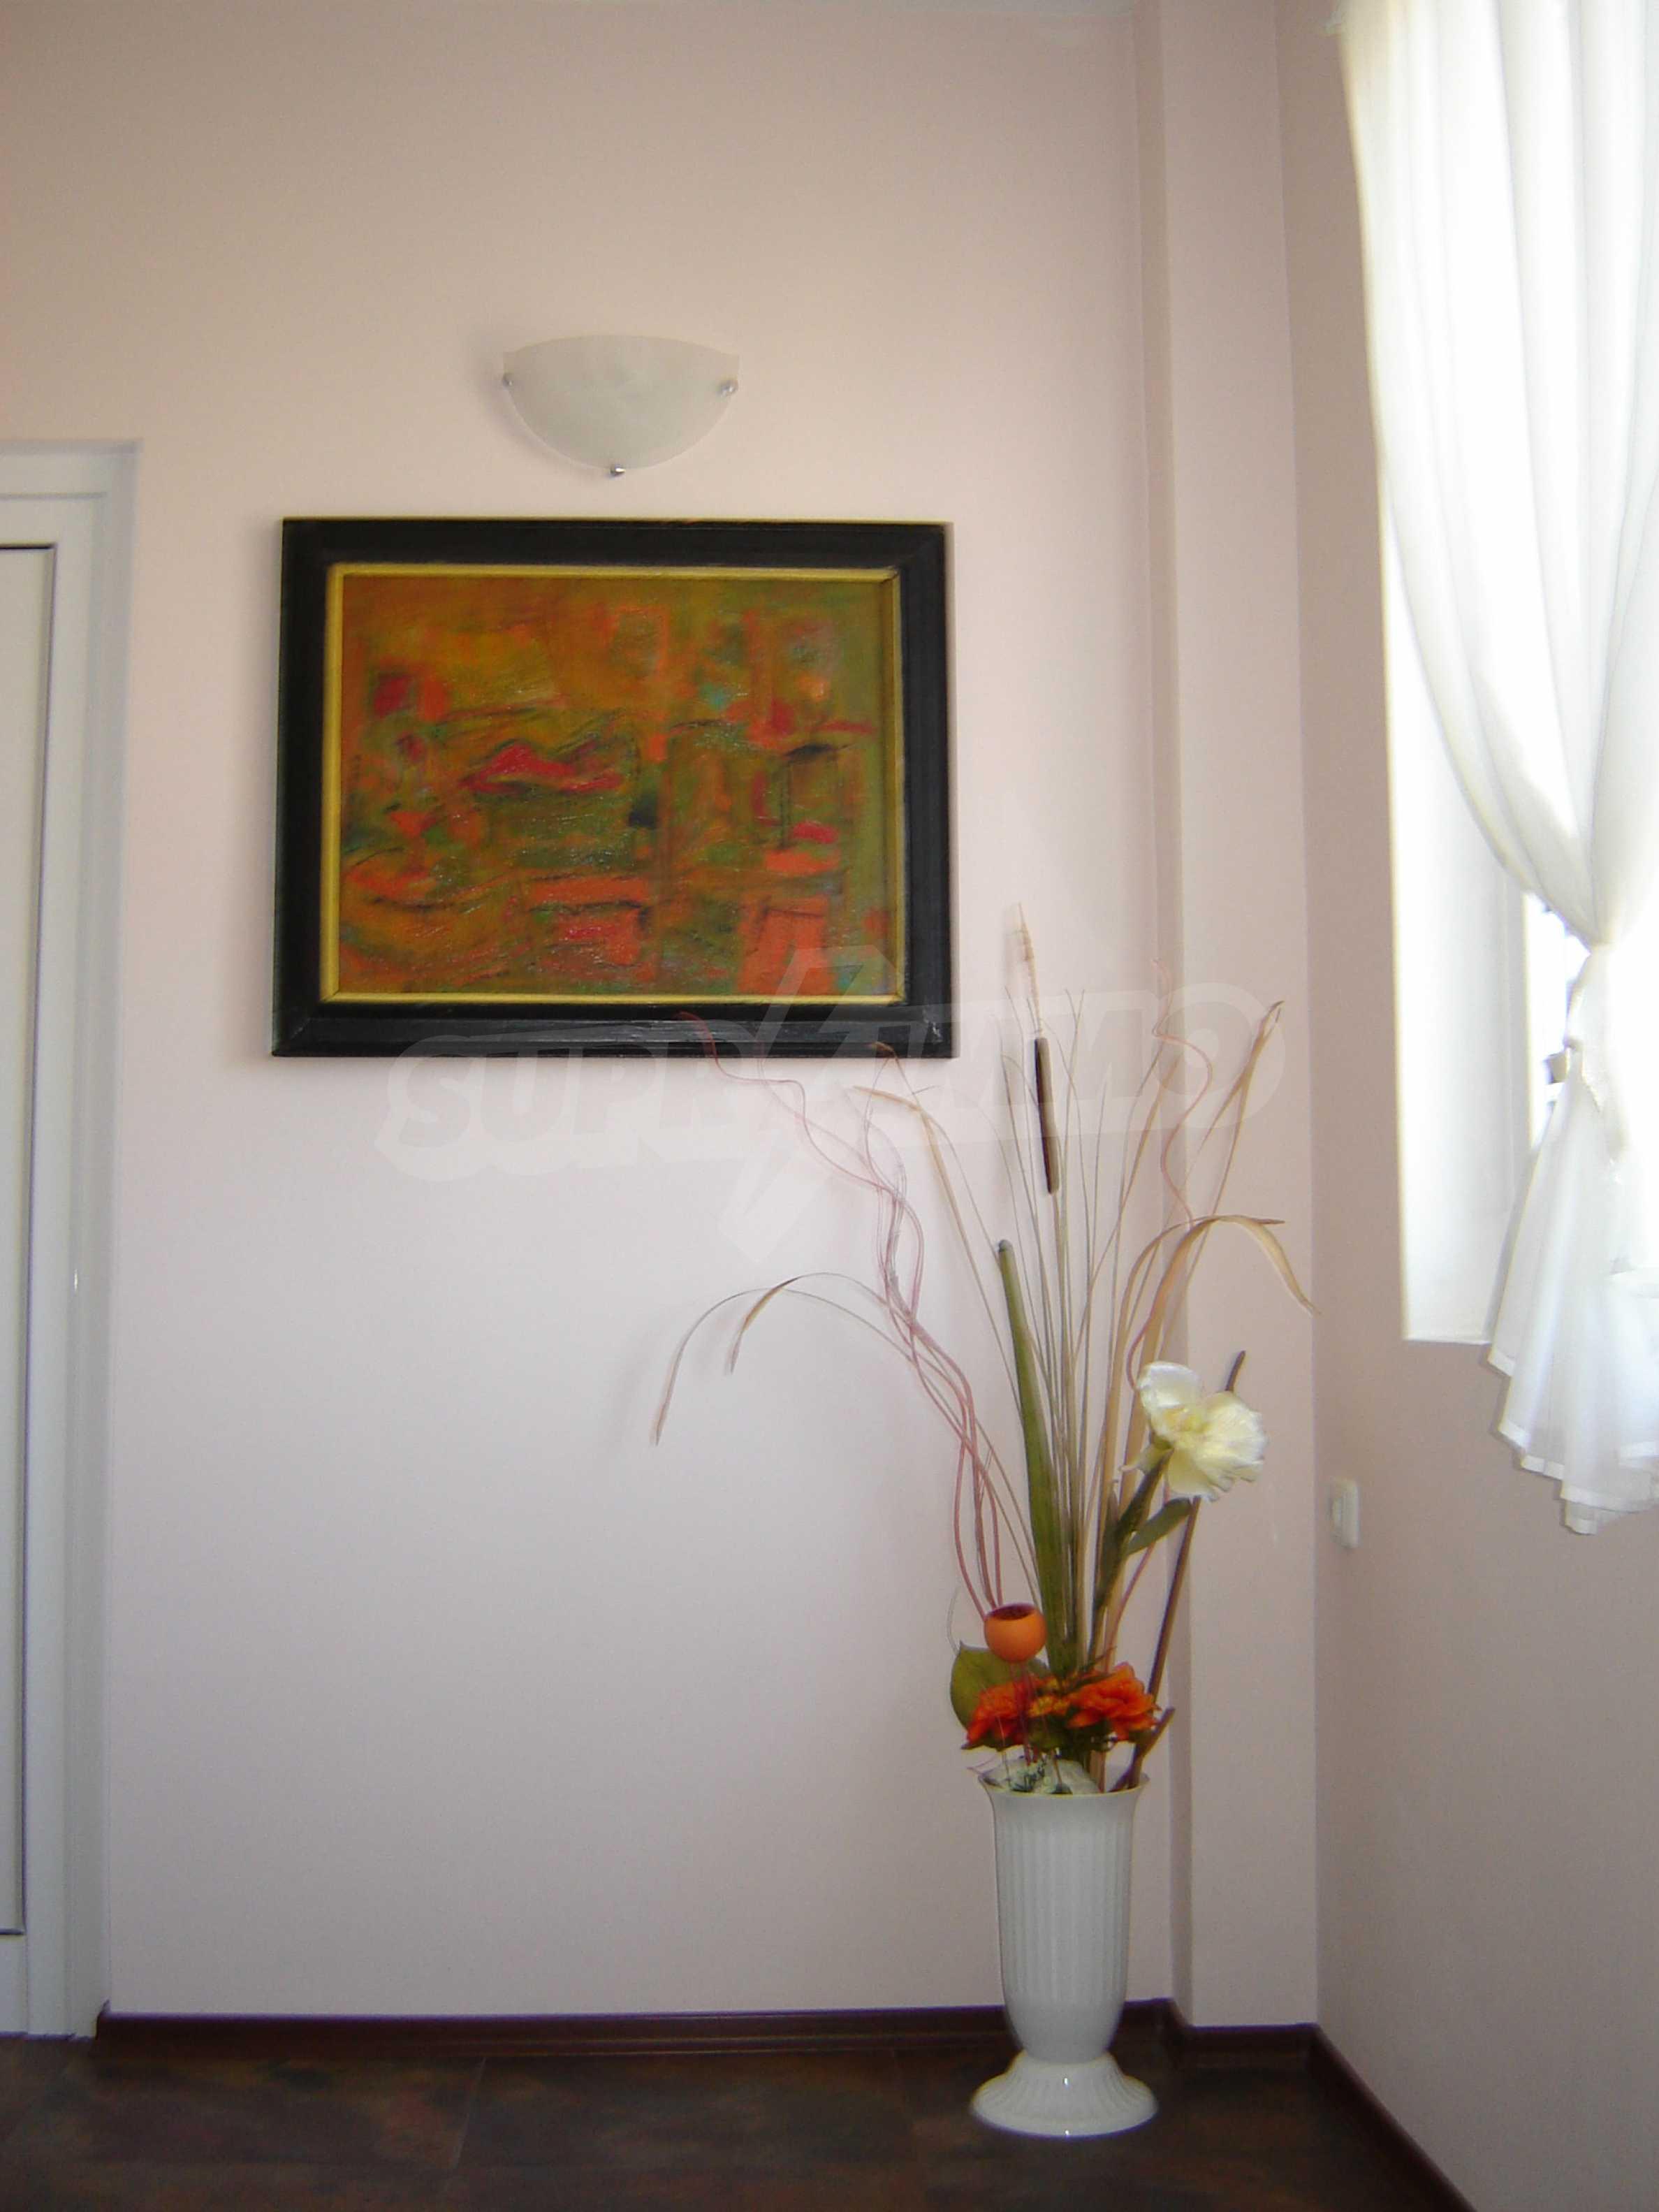 House of family hotel type for sale in Primorsko 3